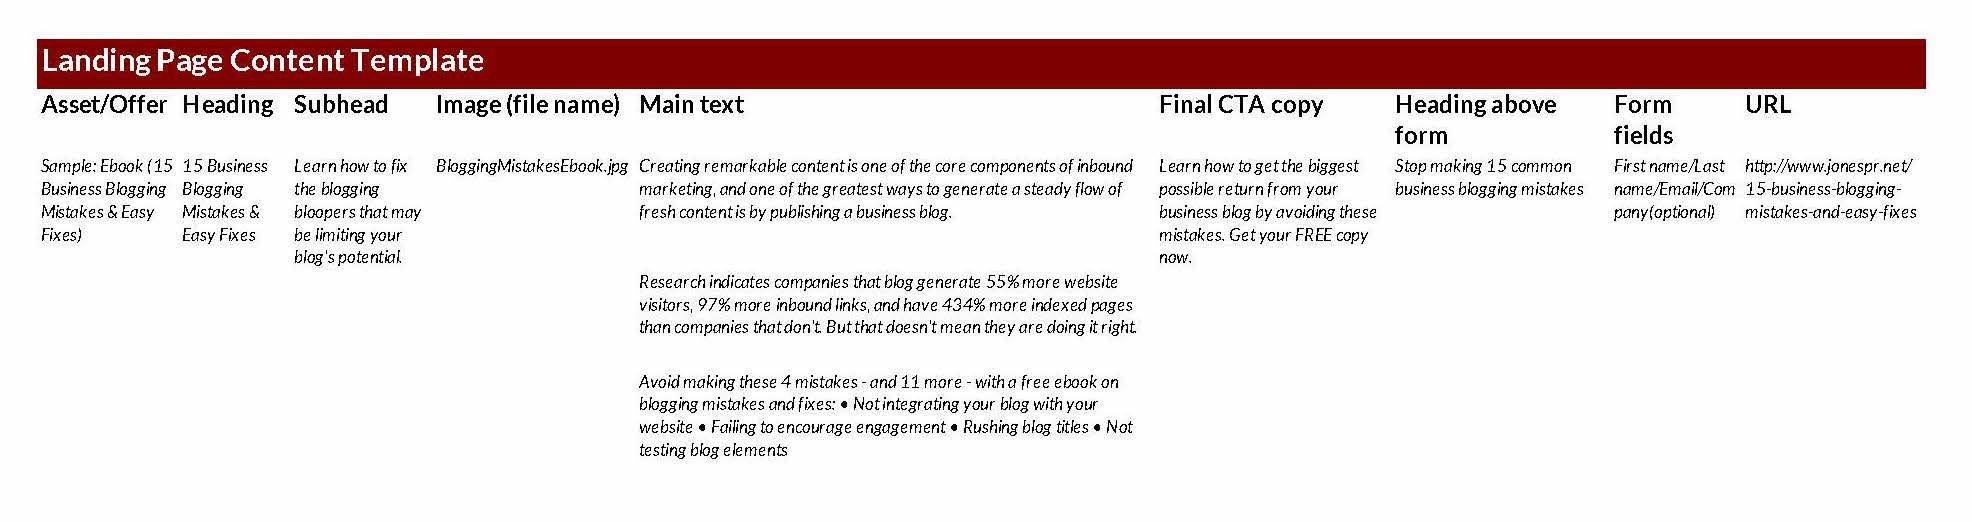 JONESBlog-Jan19-21-Landing Page Content template -JONES